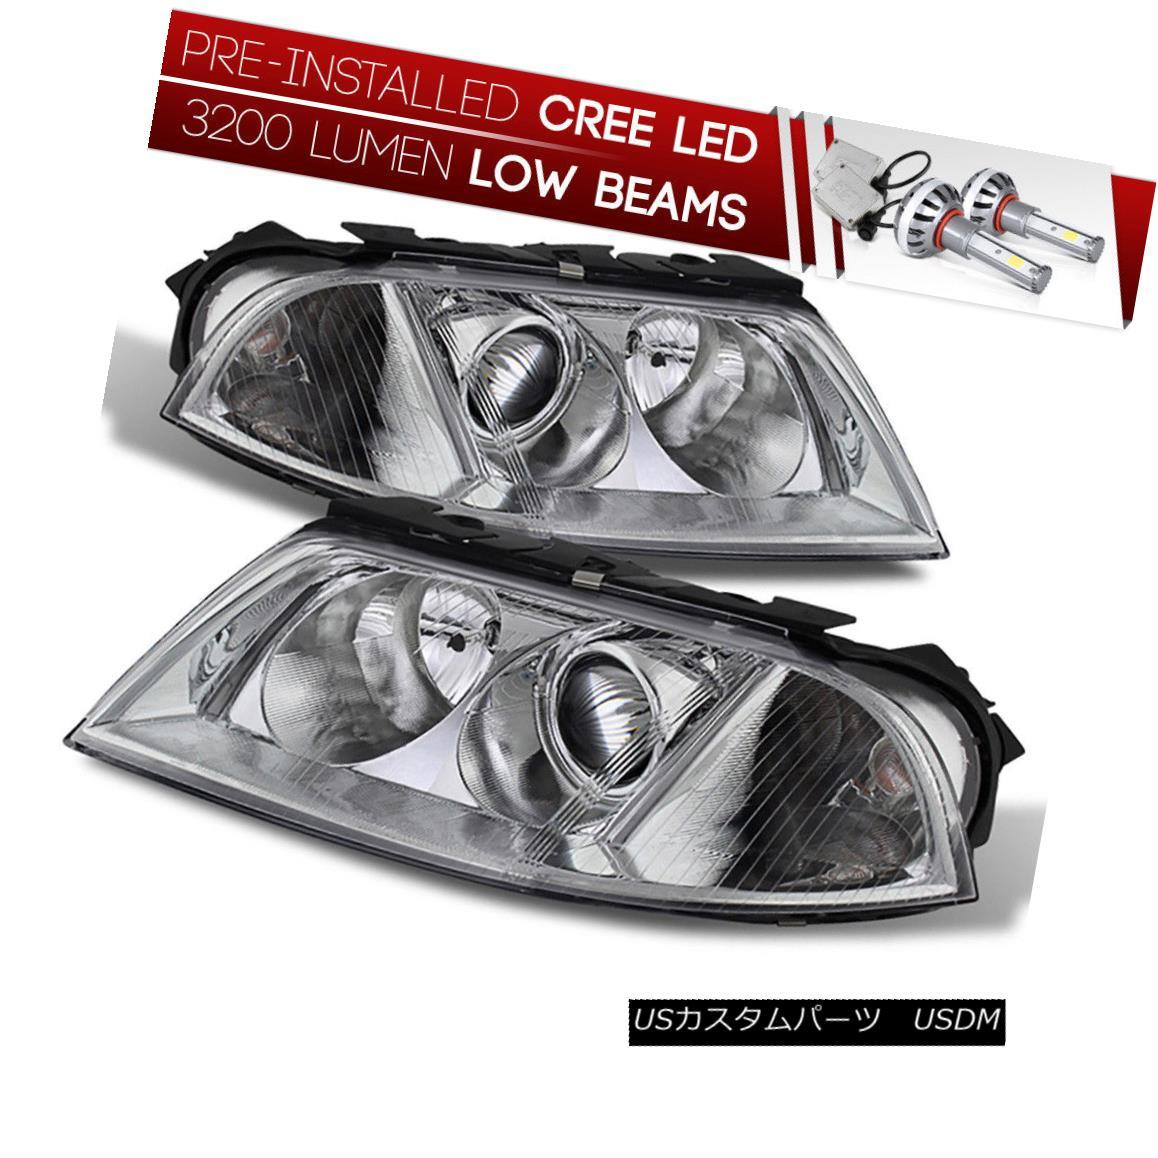 ヘッドライト [CREE LED Bulb Installed] 01-05 Volkswagen Passat Chrome Replacement Headlight [CREE LED Bulbをインストール] 01-05フォルクスワーゲンパサートクローム交換ヘッドライト